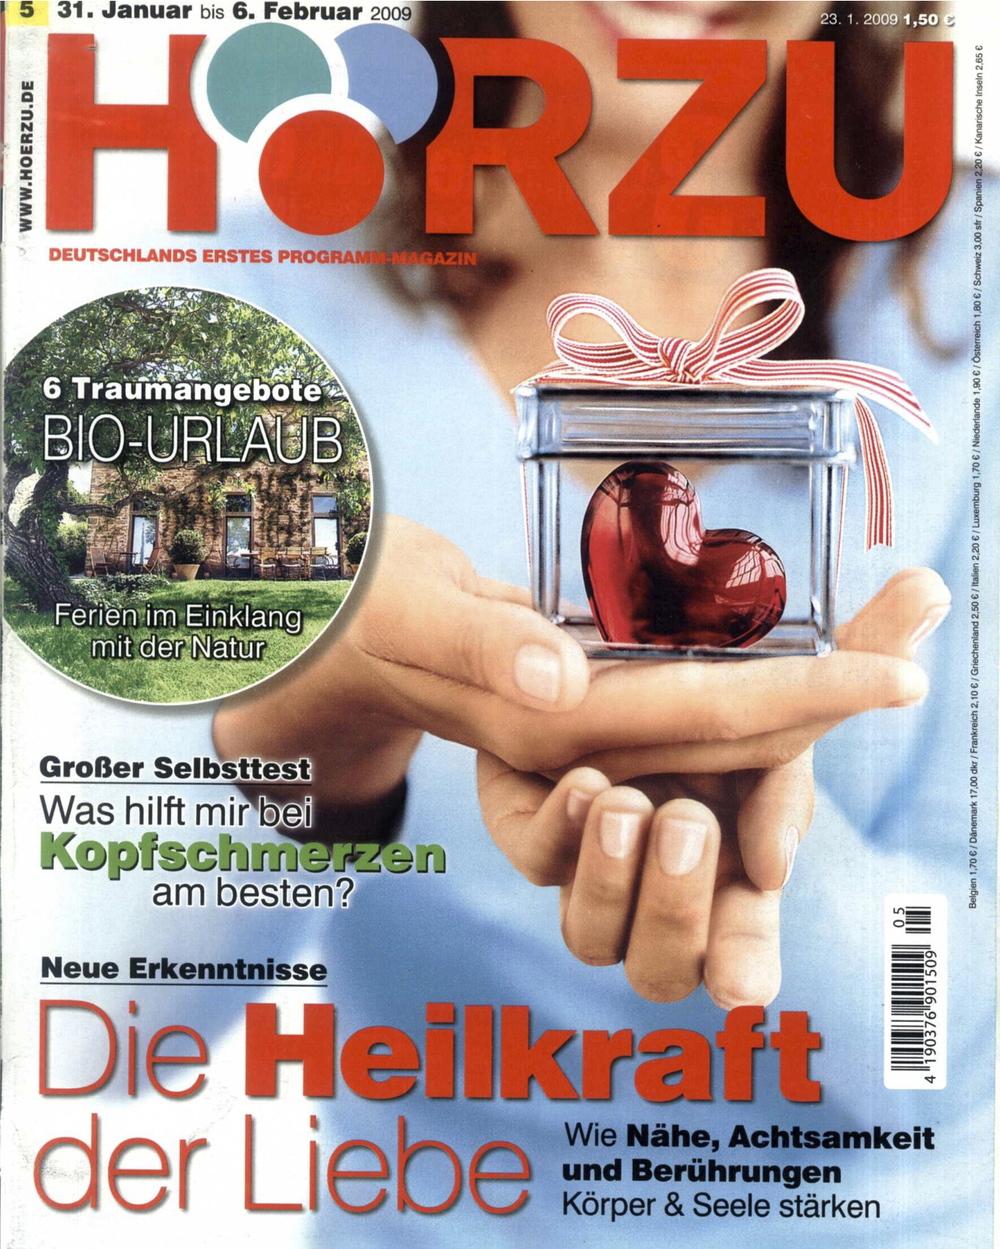 HZ_23.1.2009_Cover.jpg